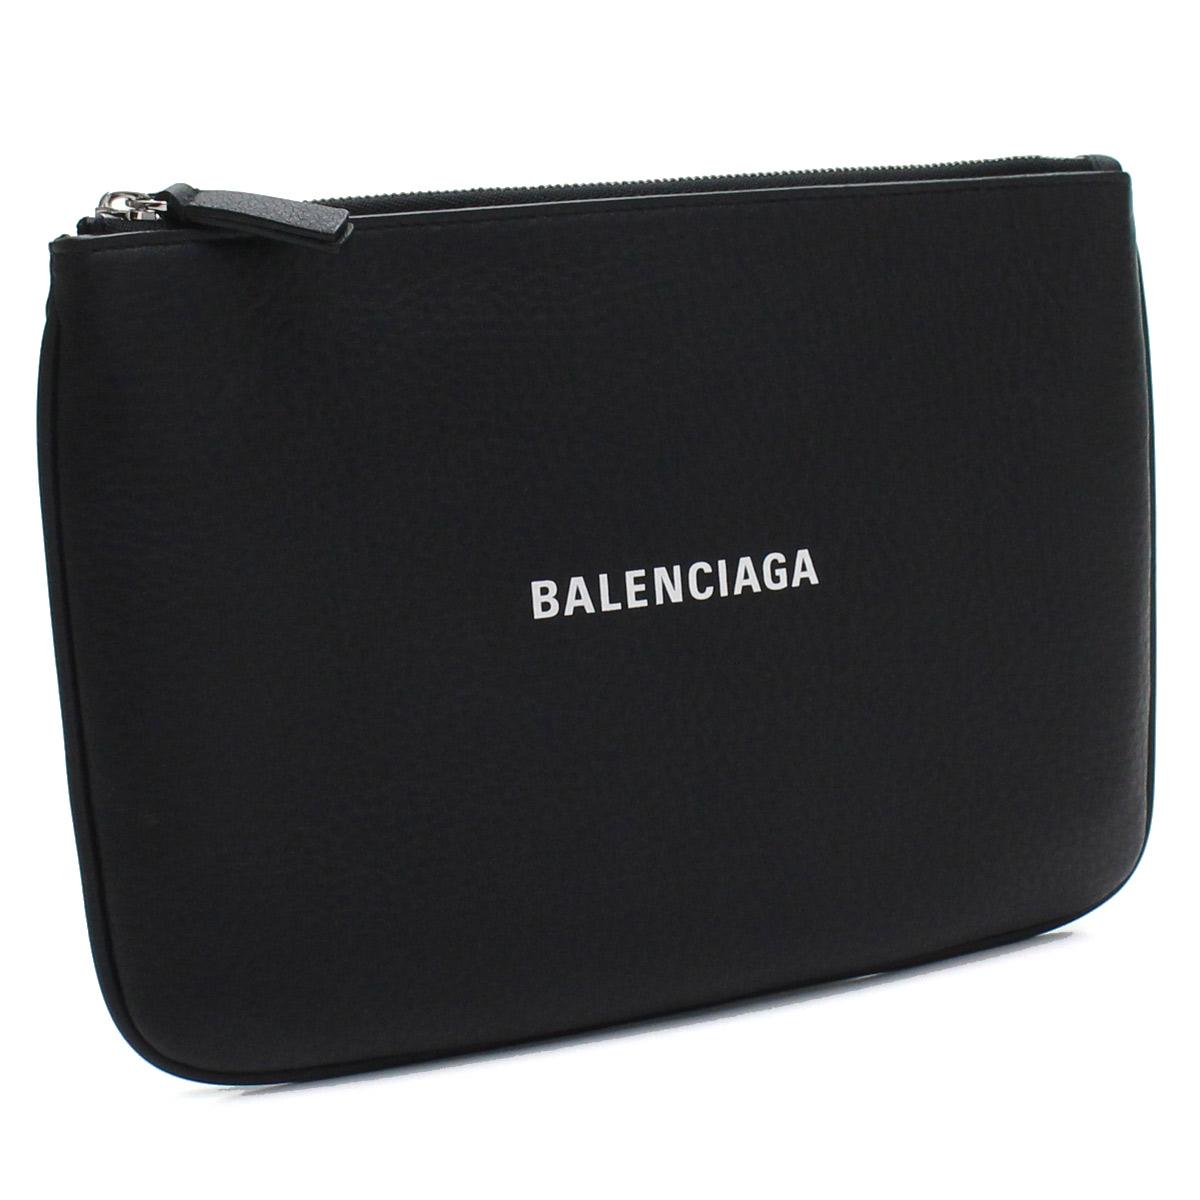 バレンシアガ BALENCIAGA エブリデイ M ポーチ 551992 DLQ4N 1000 NOIR/L BLANC ブラック  メンズ